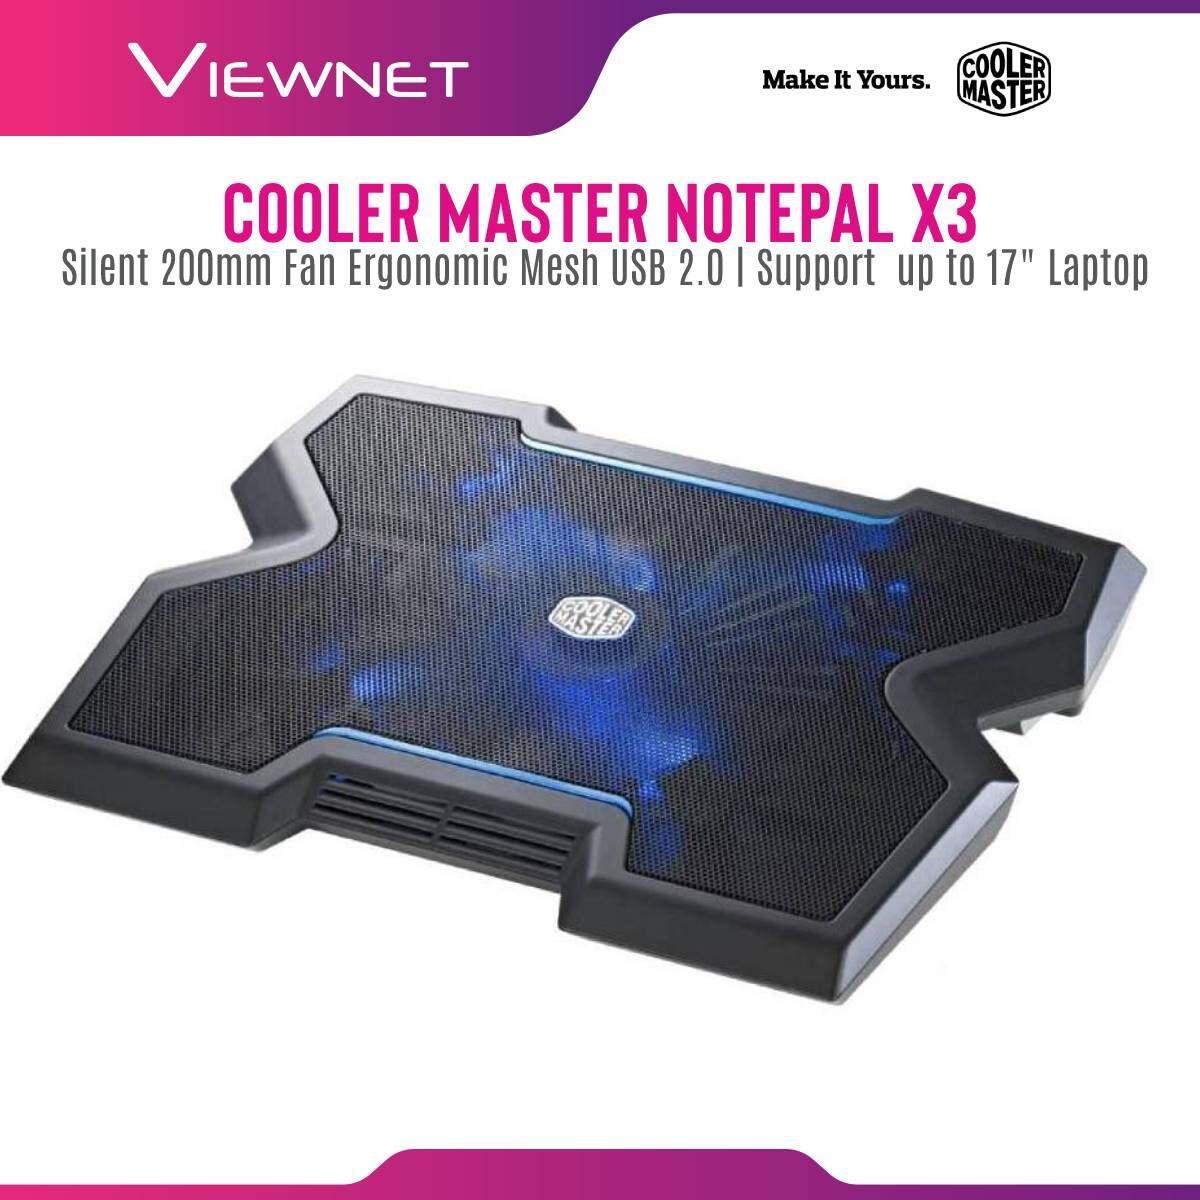 Cooler Master Notepal X3 200mm Silent Adjustable Blue LED Fan Ergonomic Mesh USB 2.0 Gaming Notebook Cooler for up to 17